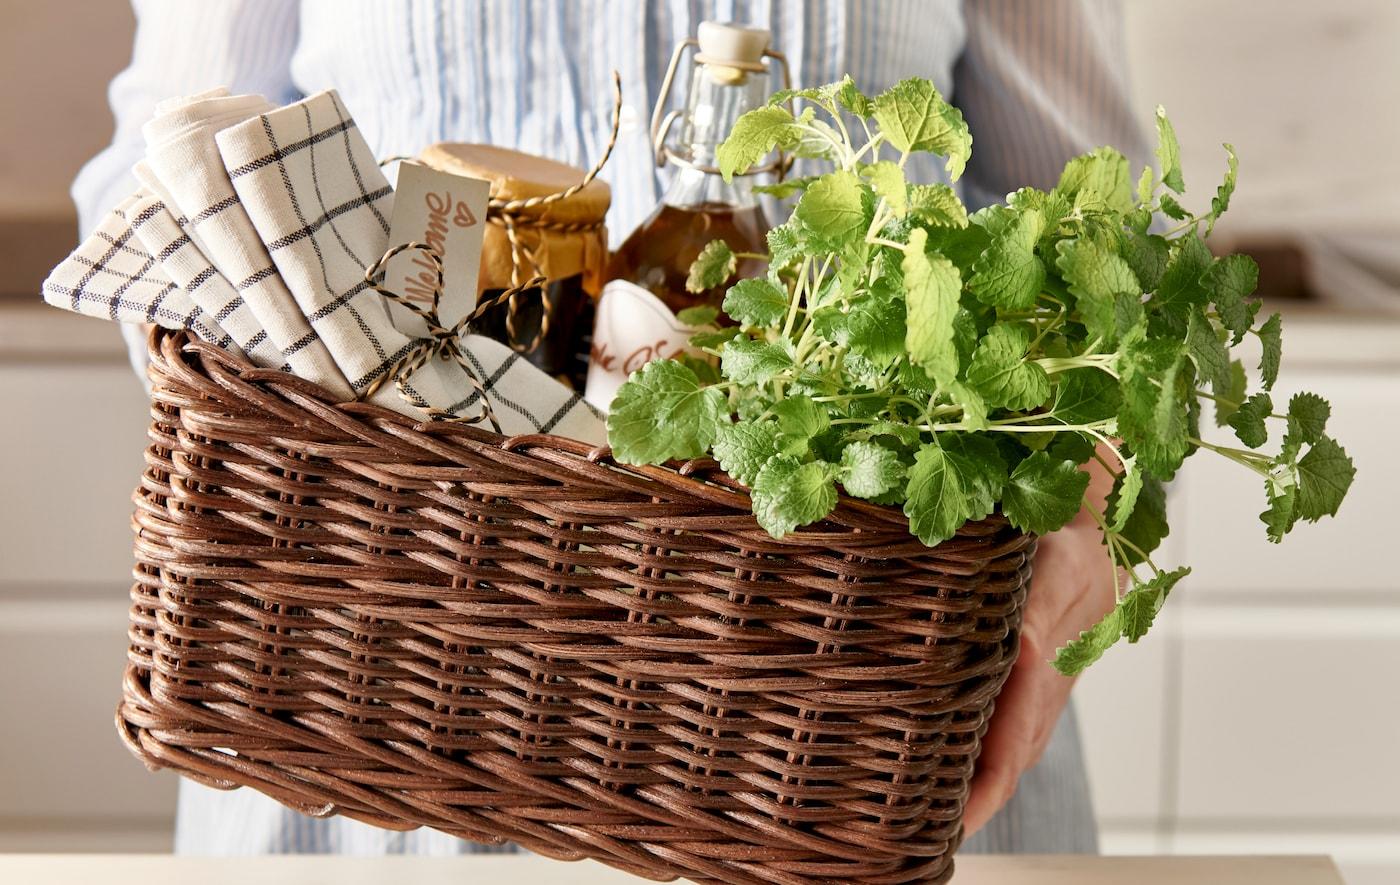 Des mains tendant un panier GABBIG rempli de torchons enrubannés, de confitures maison dans des bocaux en verre et d'herbes fraîches.